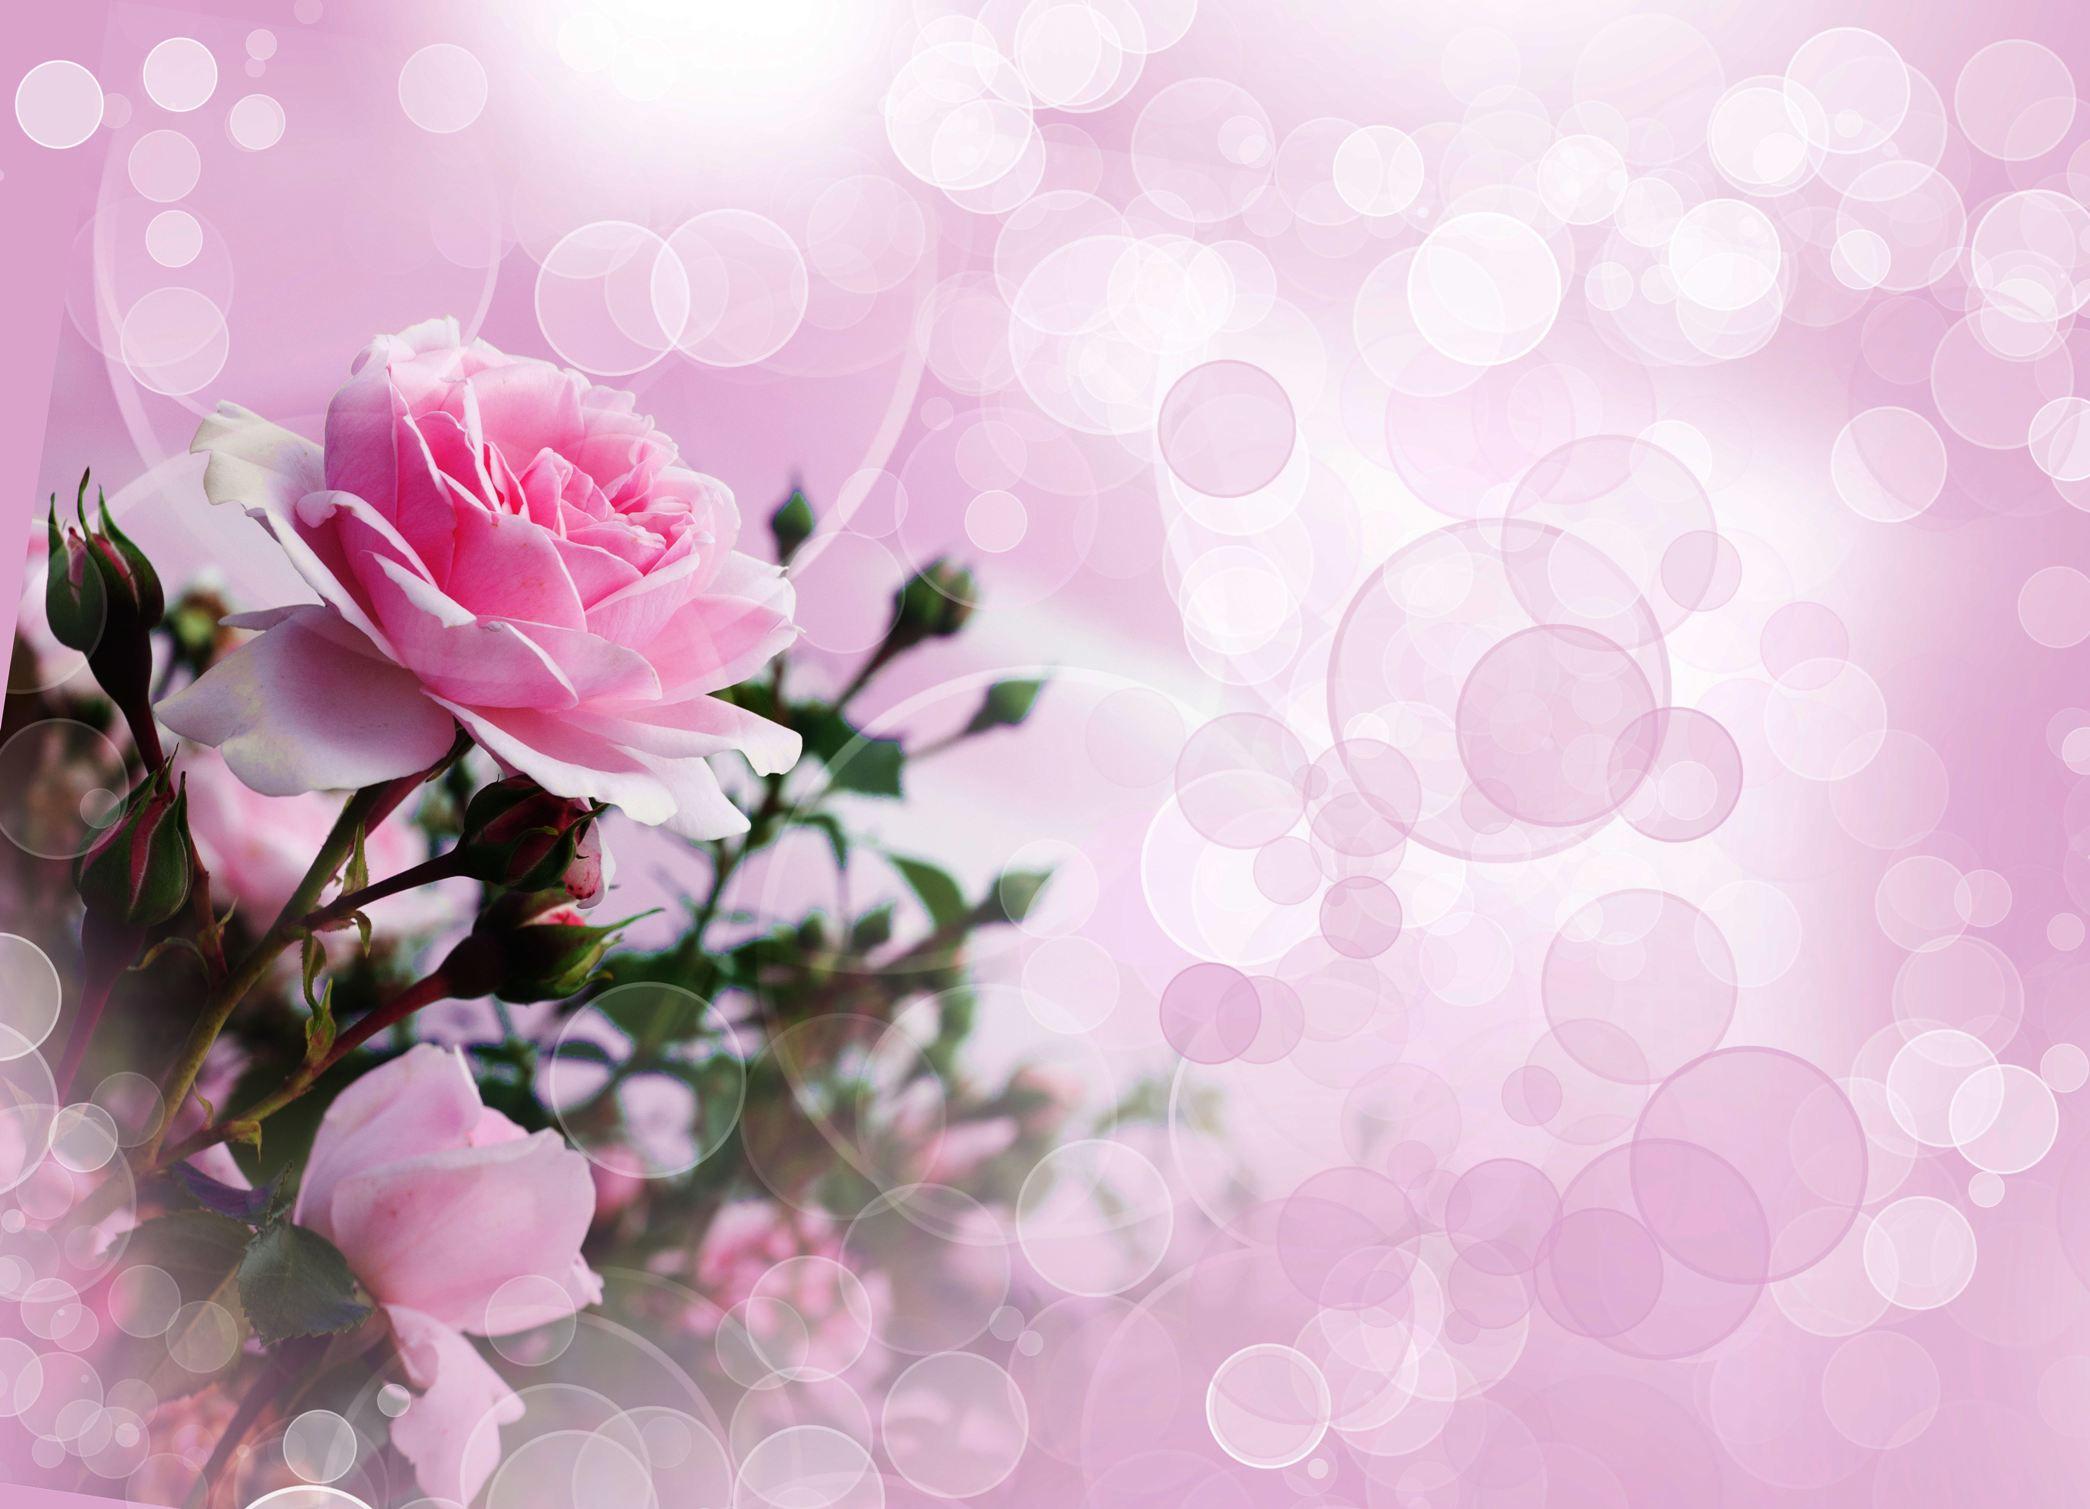 Fond Fleur Rose Collegecalvet66